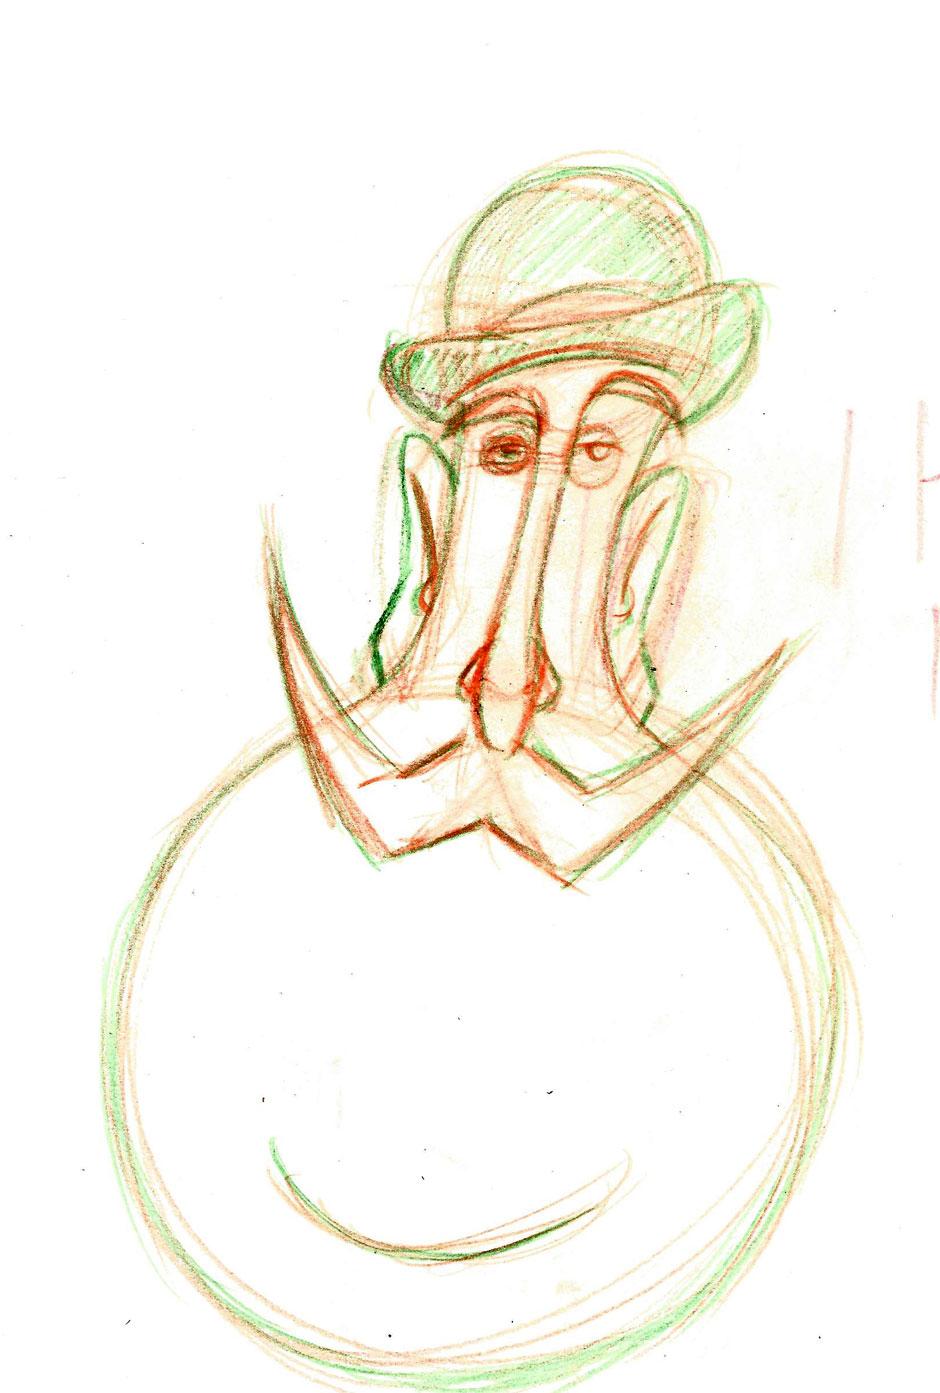 mustache-doodle-iamo-4.jpg